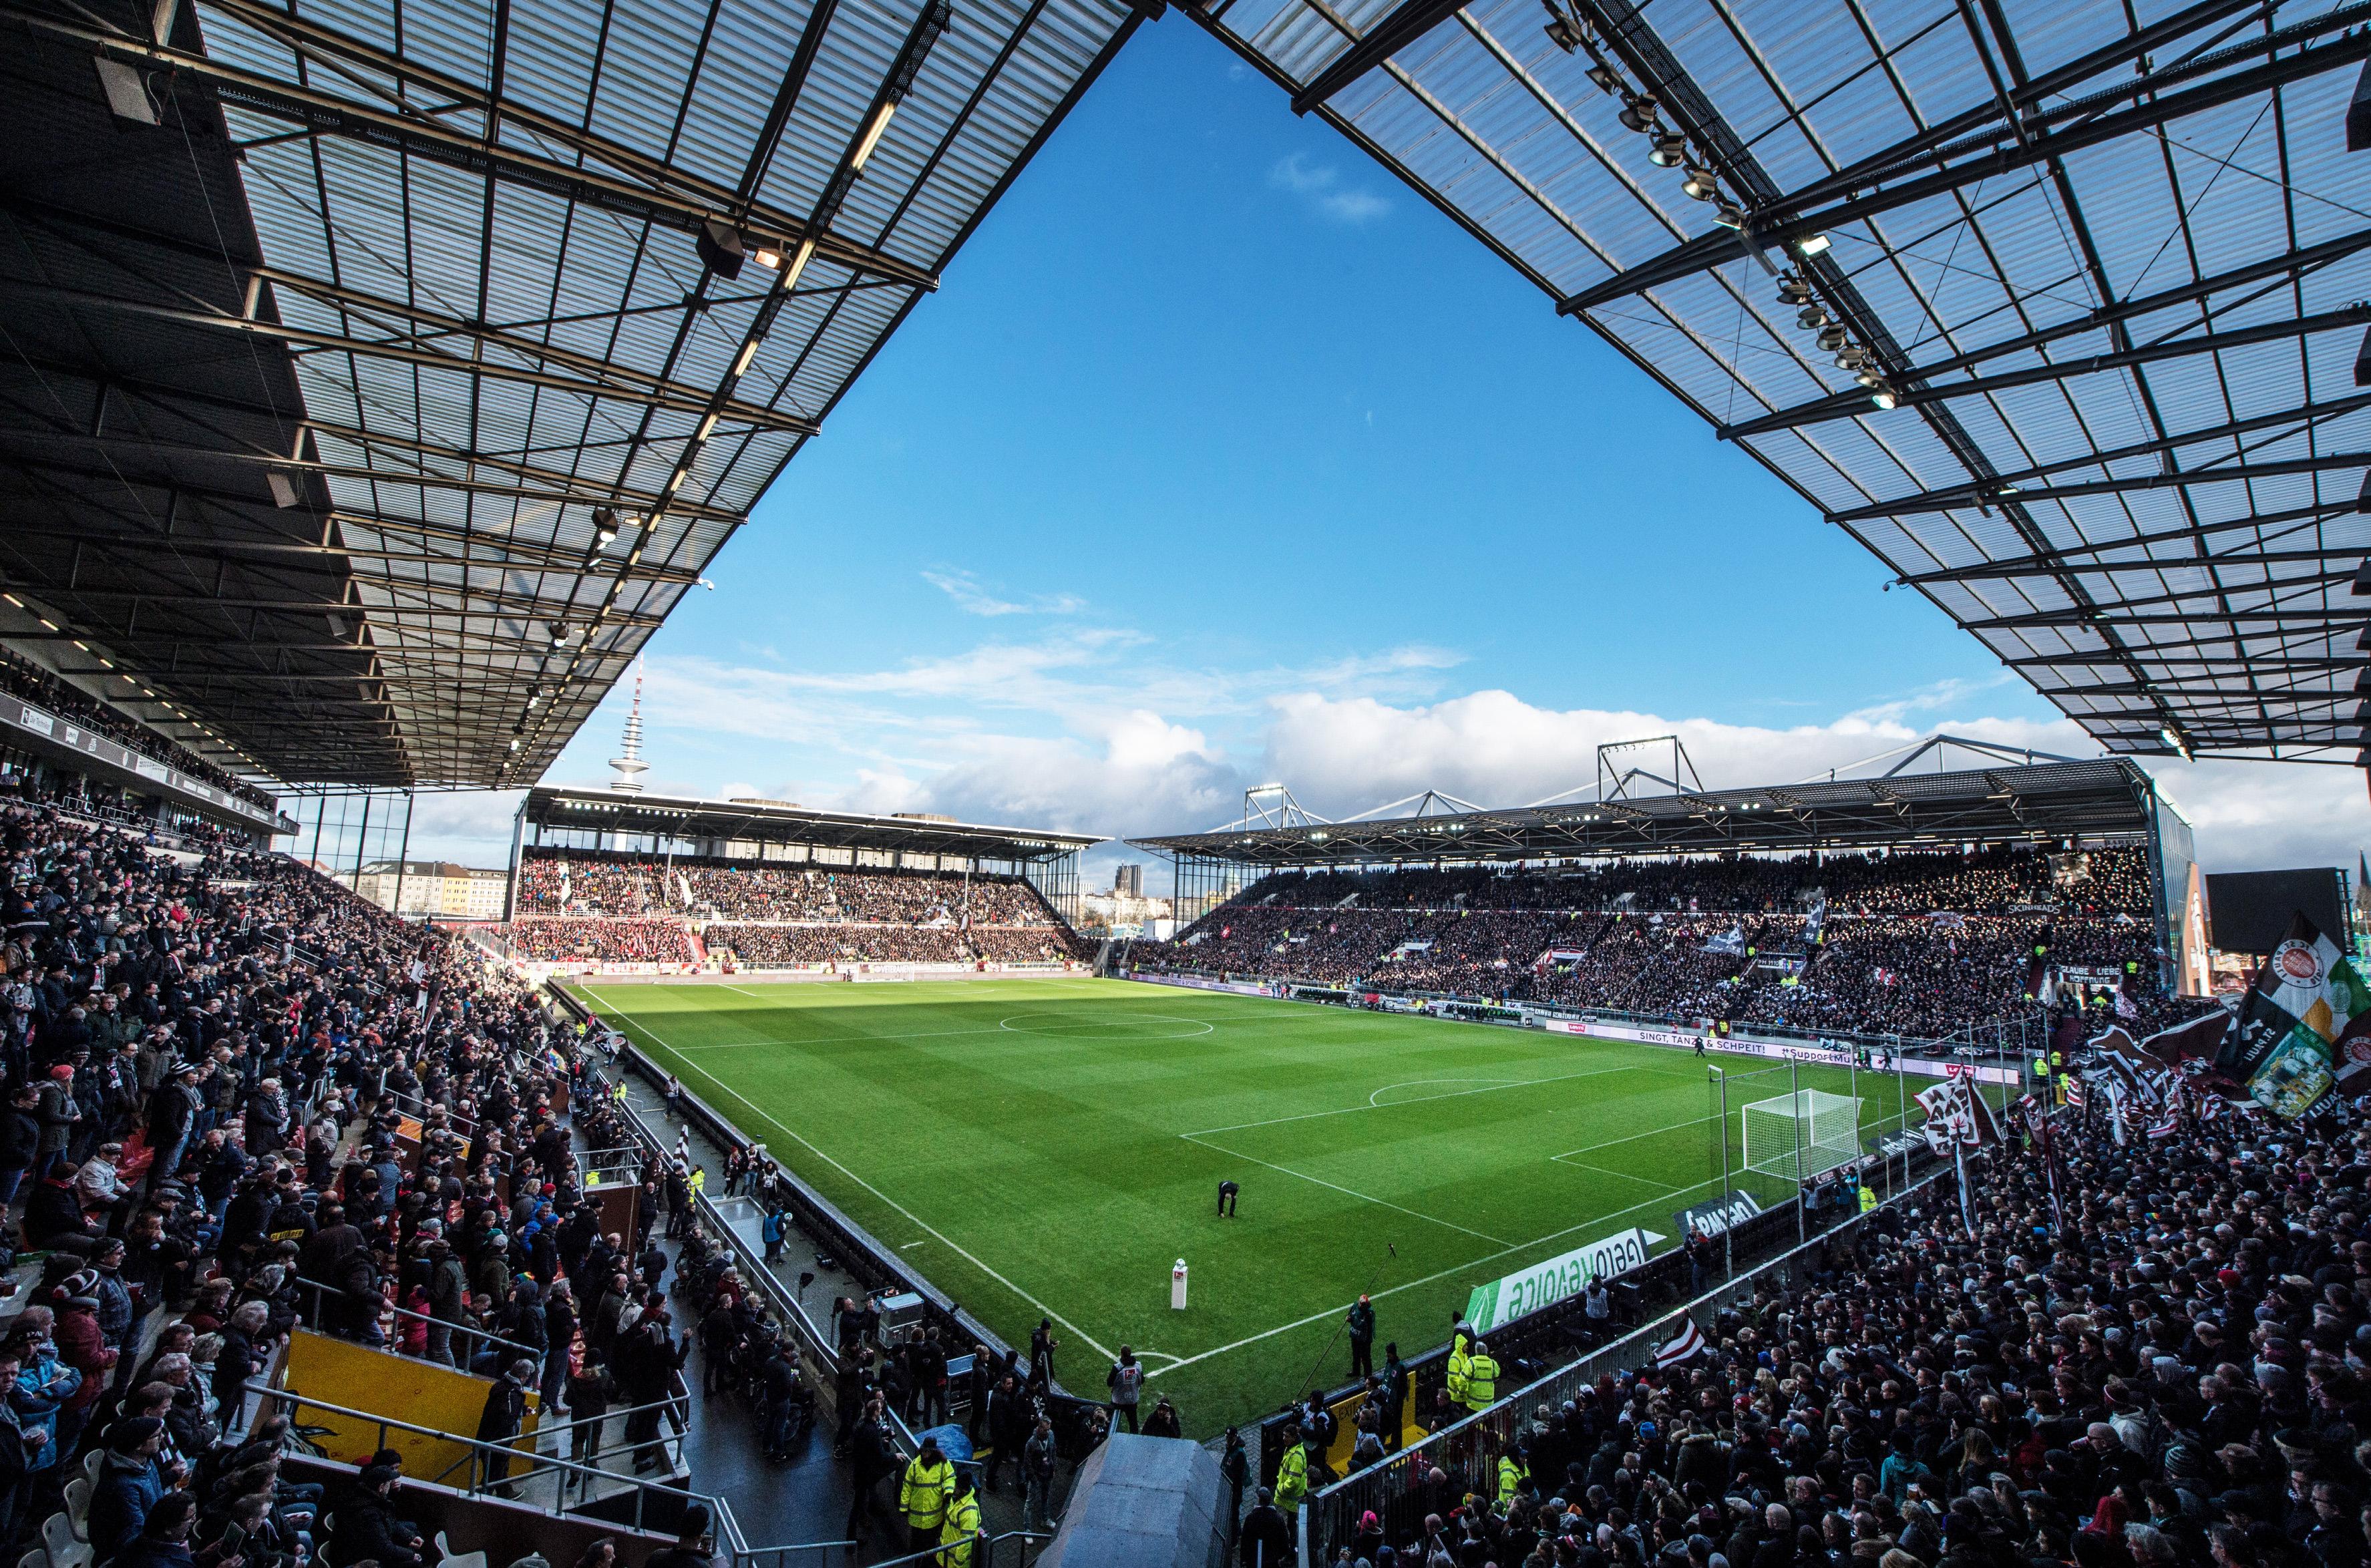 Heimspiele gegen Union & Bielefeld ausverkauft - nur noch Restkarten gegen Fürth erhältlich